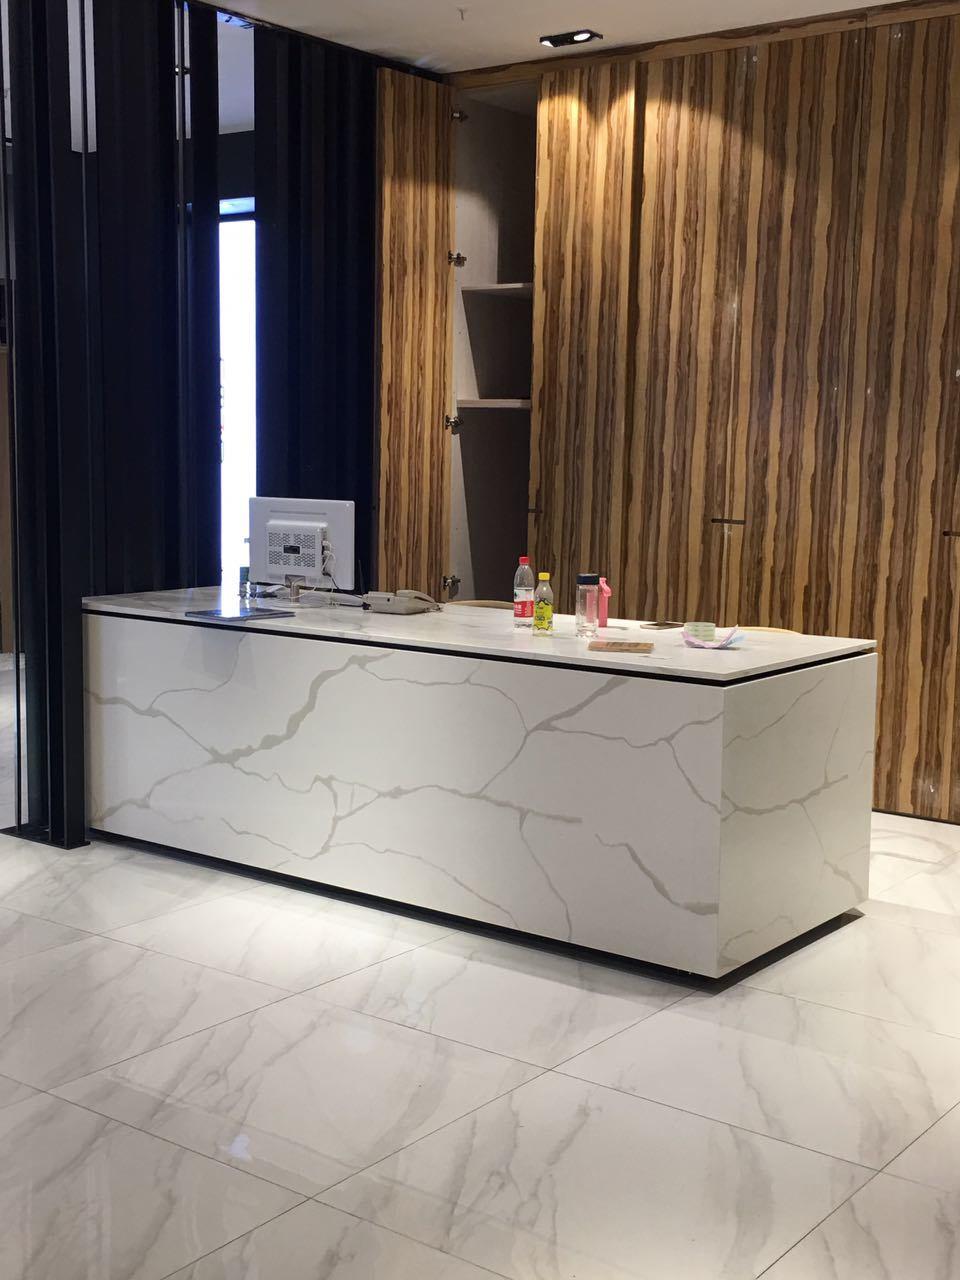 Marble Look Calacatta Quartz Worktop